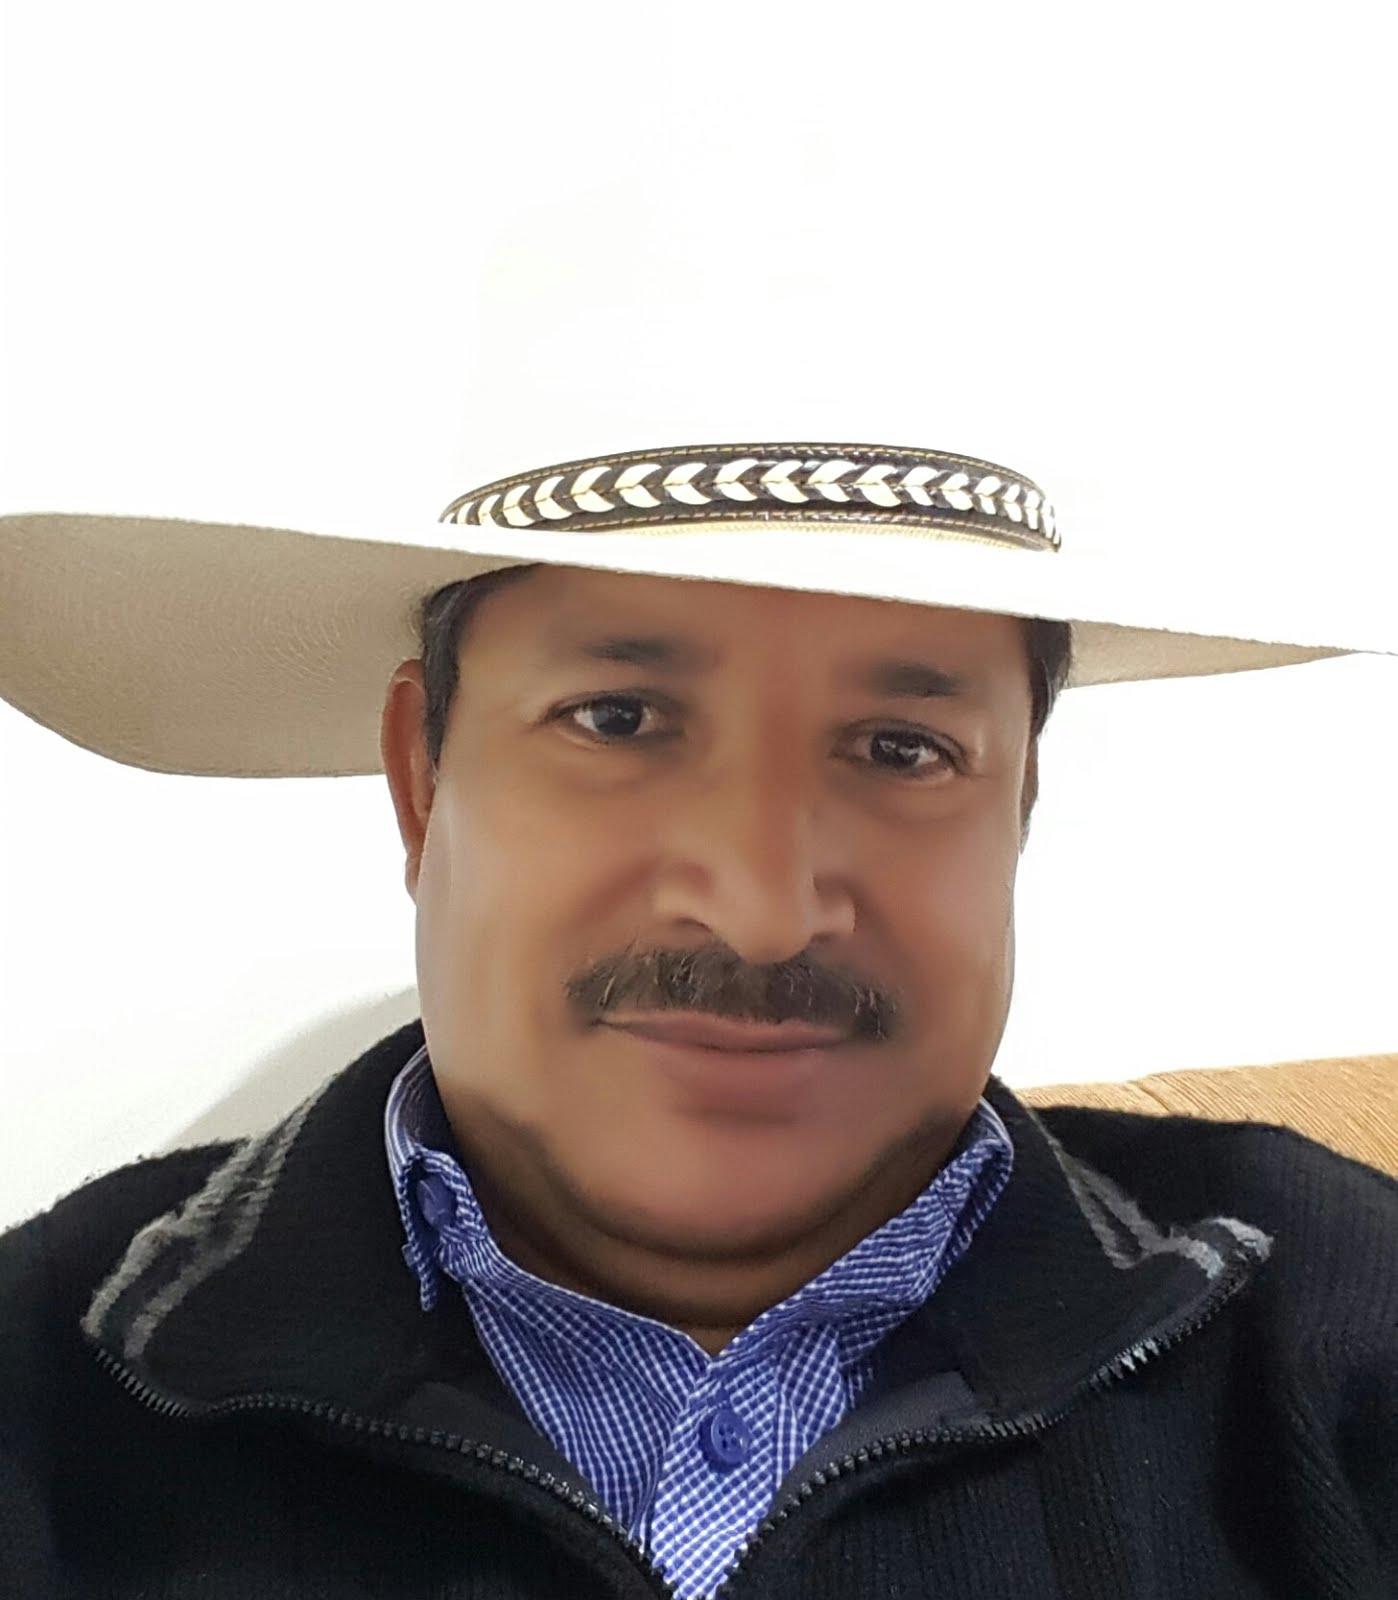 RICARDO GUILLERMO LUZQUIÑOS RODRIGUEZ